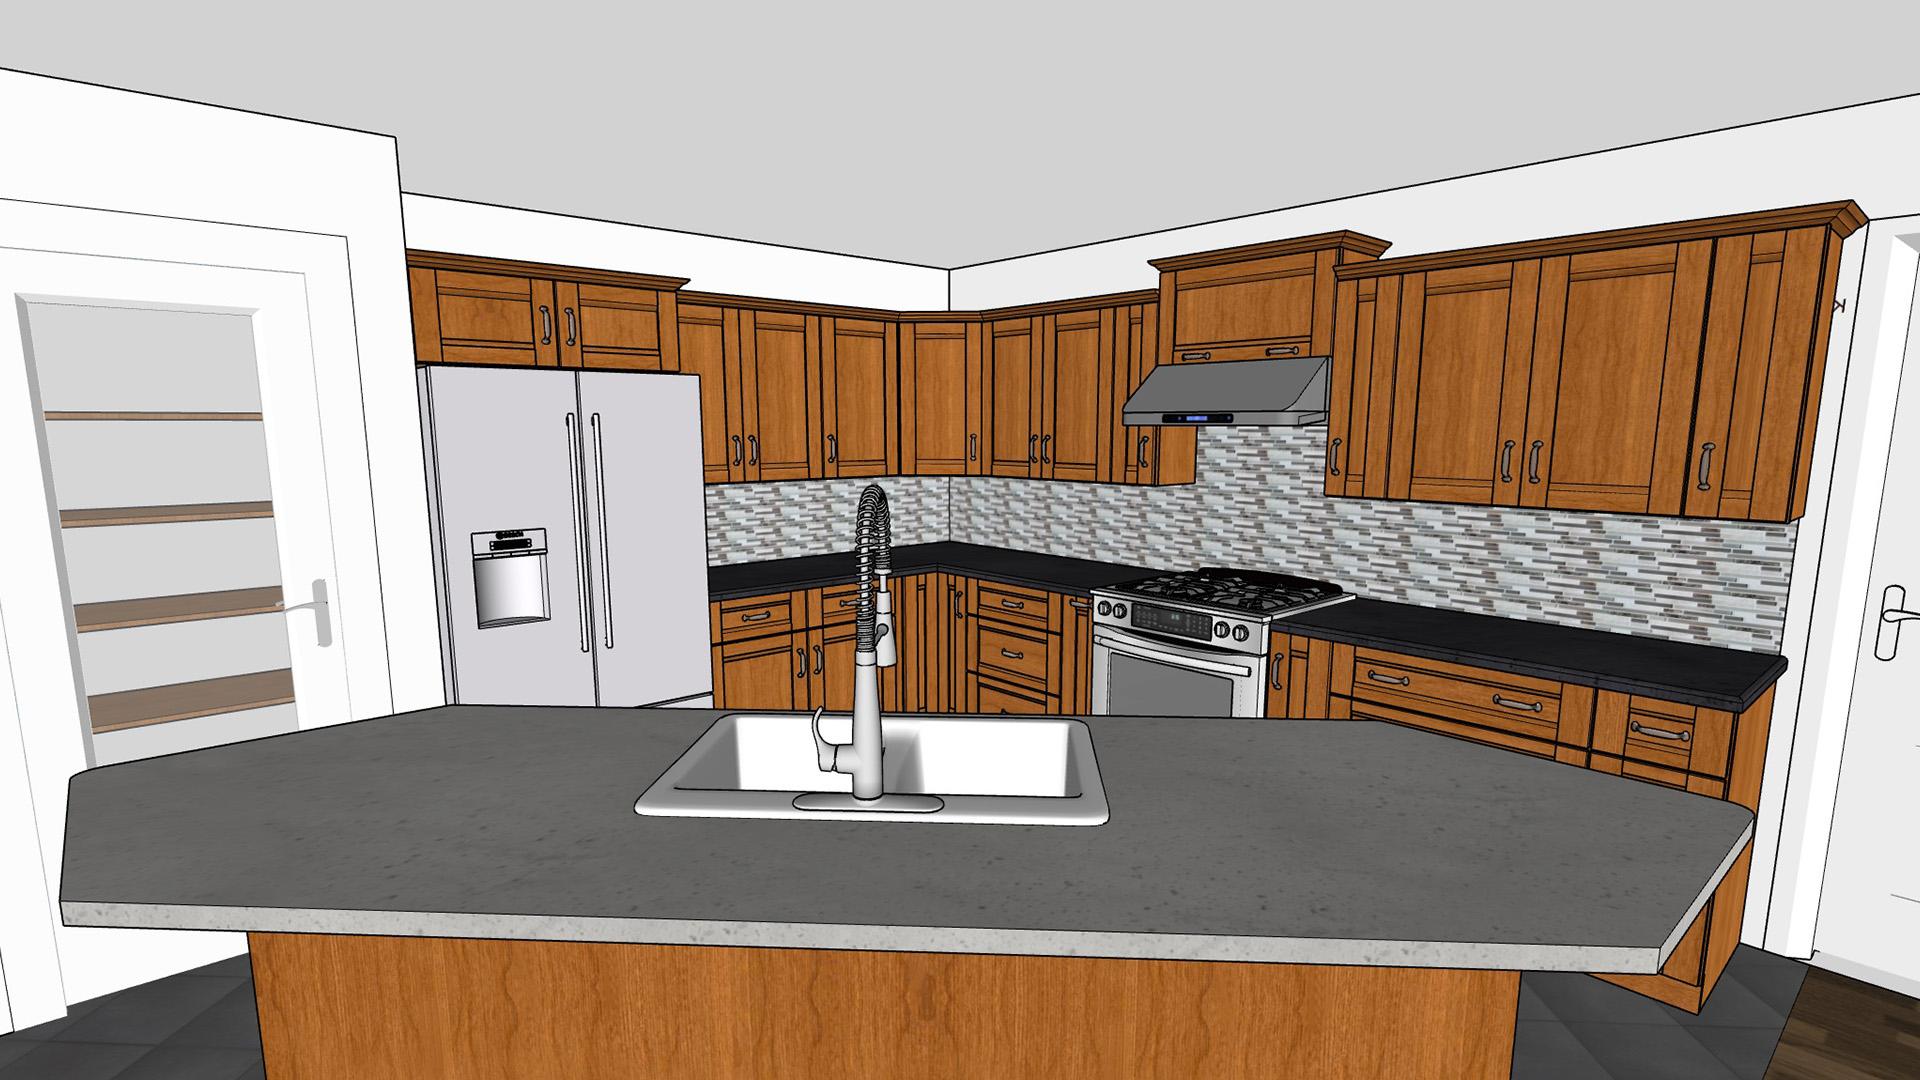 SketchUp Pro: Kitchen Design